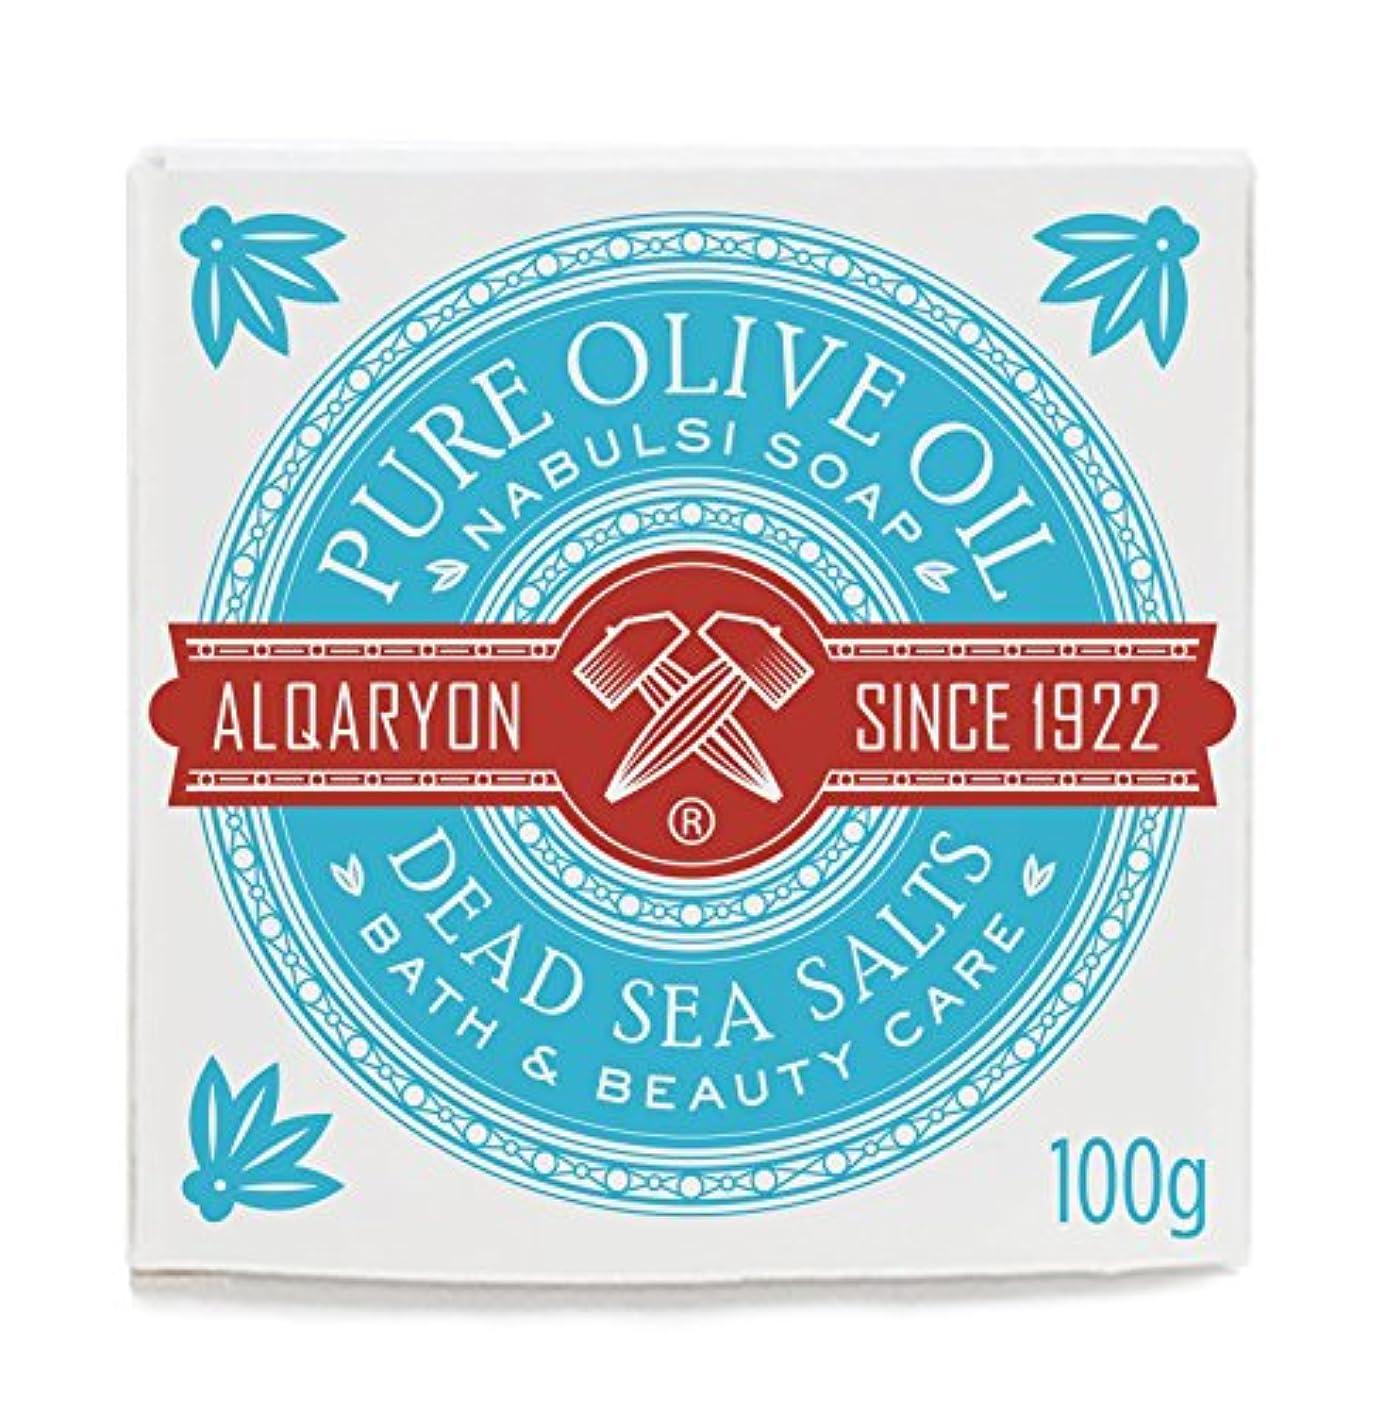 赤外線椅子センサーAlqaryon Dead Sea Salts & Olive Oil Bar Soap, Pack of 4 Bars 100g- Alqaryonの死海で取れる塩&オリーブオイル ソープ、バス & ビューティー ケア...